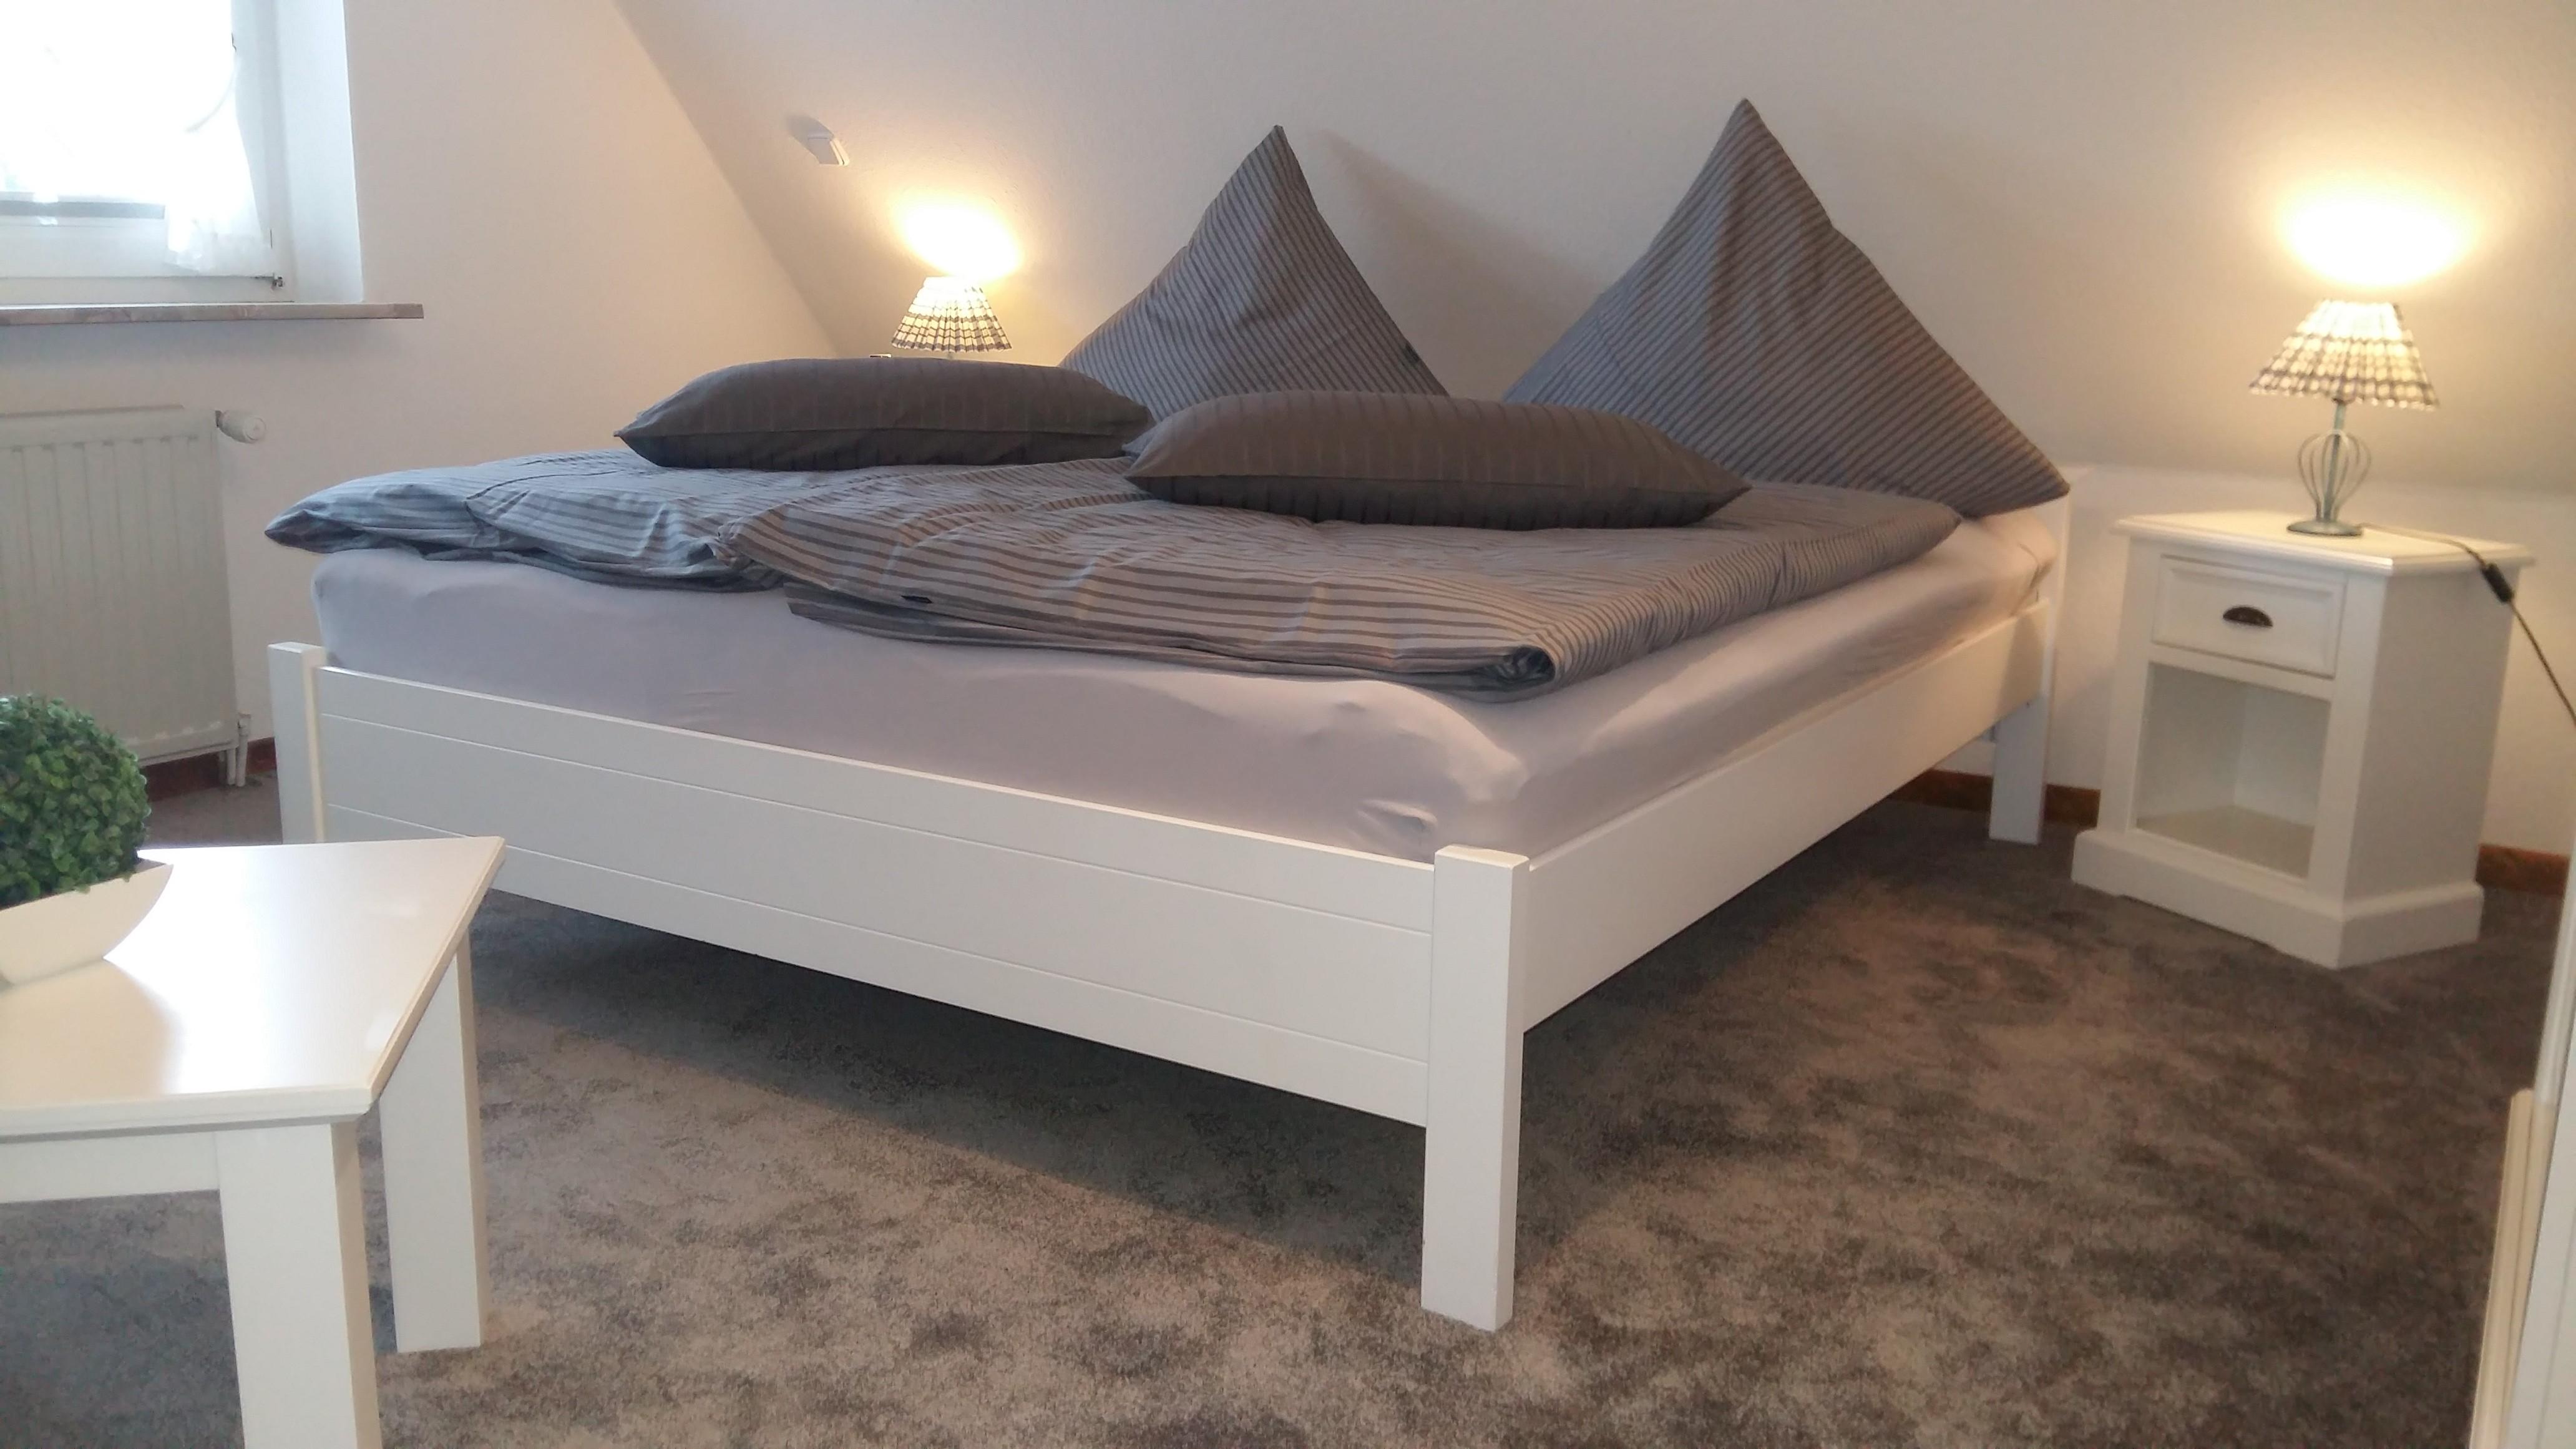 ferienwohnung g stehaus netz die maisonette 4 sterne h rnum sylt 3 personen. Black Bedroom Furniture Sets. Home Design Ideas